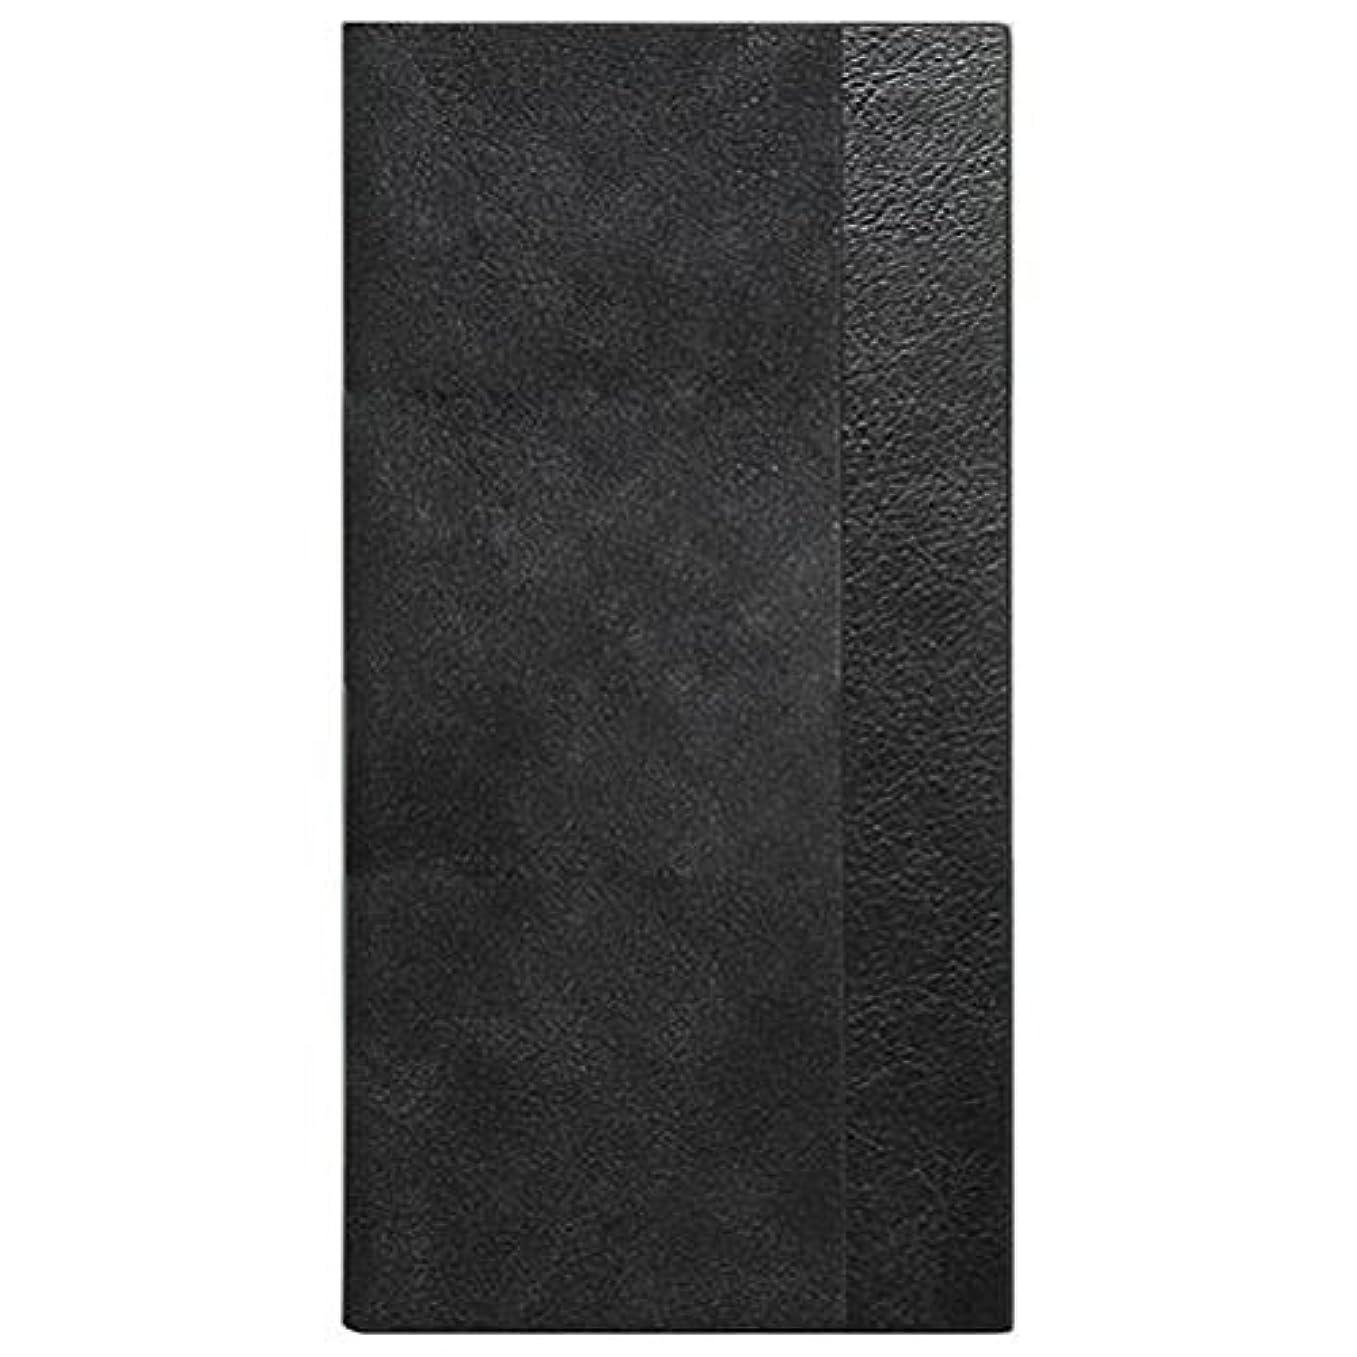 収益ビーチとげiPhone7/6s/6ケース 4.7インチ用 液晶割れ防止 スエードハイブリッド 左開き 右利き向き ブラック カード収納 MS2-P16L3BK ミライセル